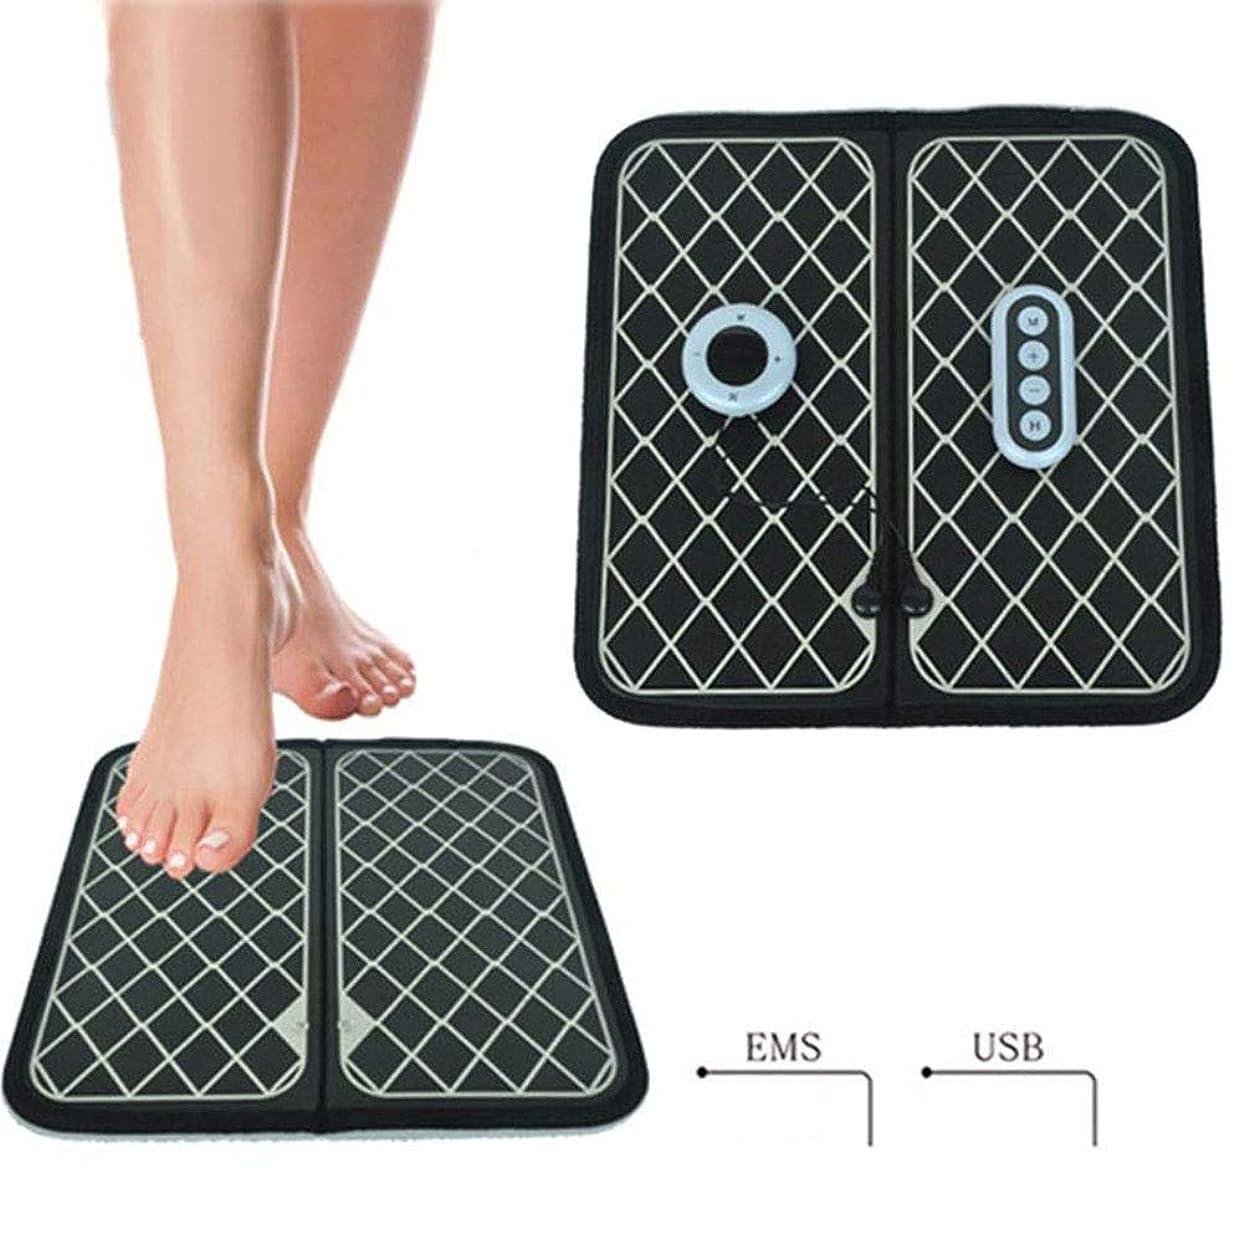 違法結核涙フットマッサージャーEMSフットサイクルUSBマッサージャー充電式電磁筋肉刺激により、痛みを軽減し、血液循環を改善し、足の疲労を軽減します